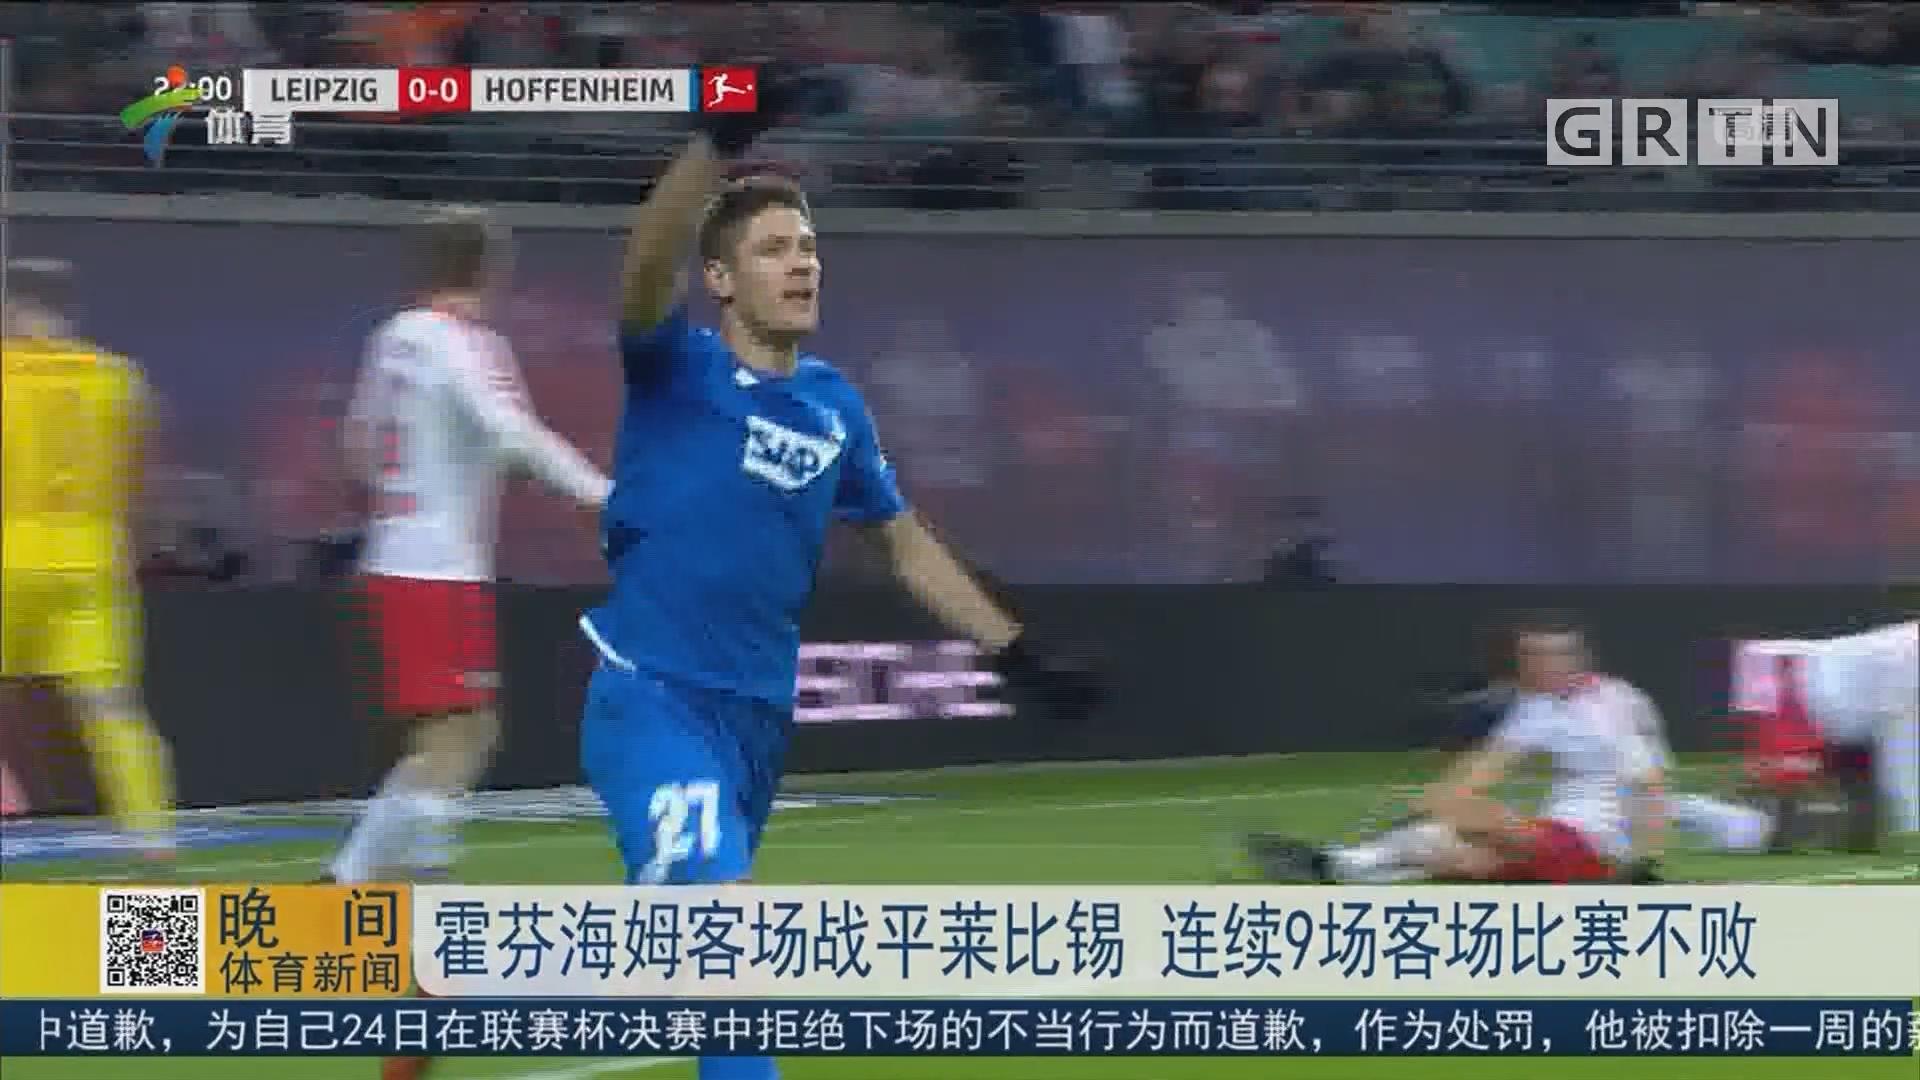 霍芬海姆客场战平莱比锡 连续9场客场比赛不败